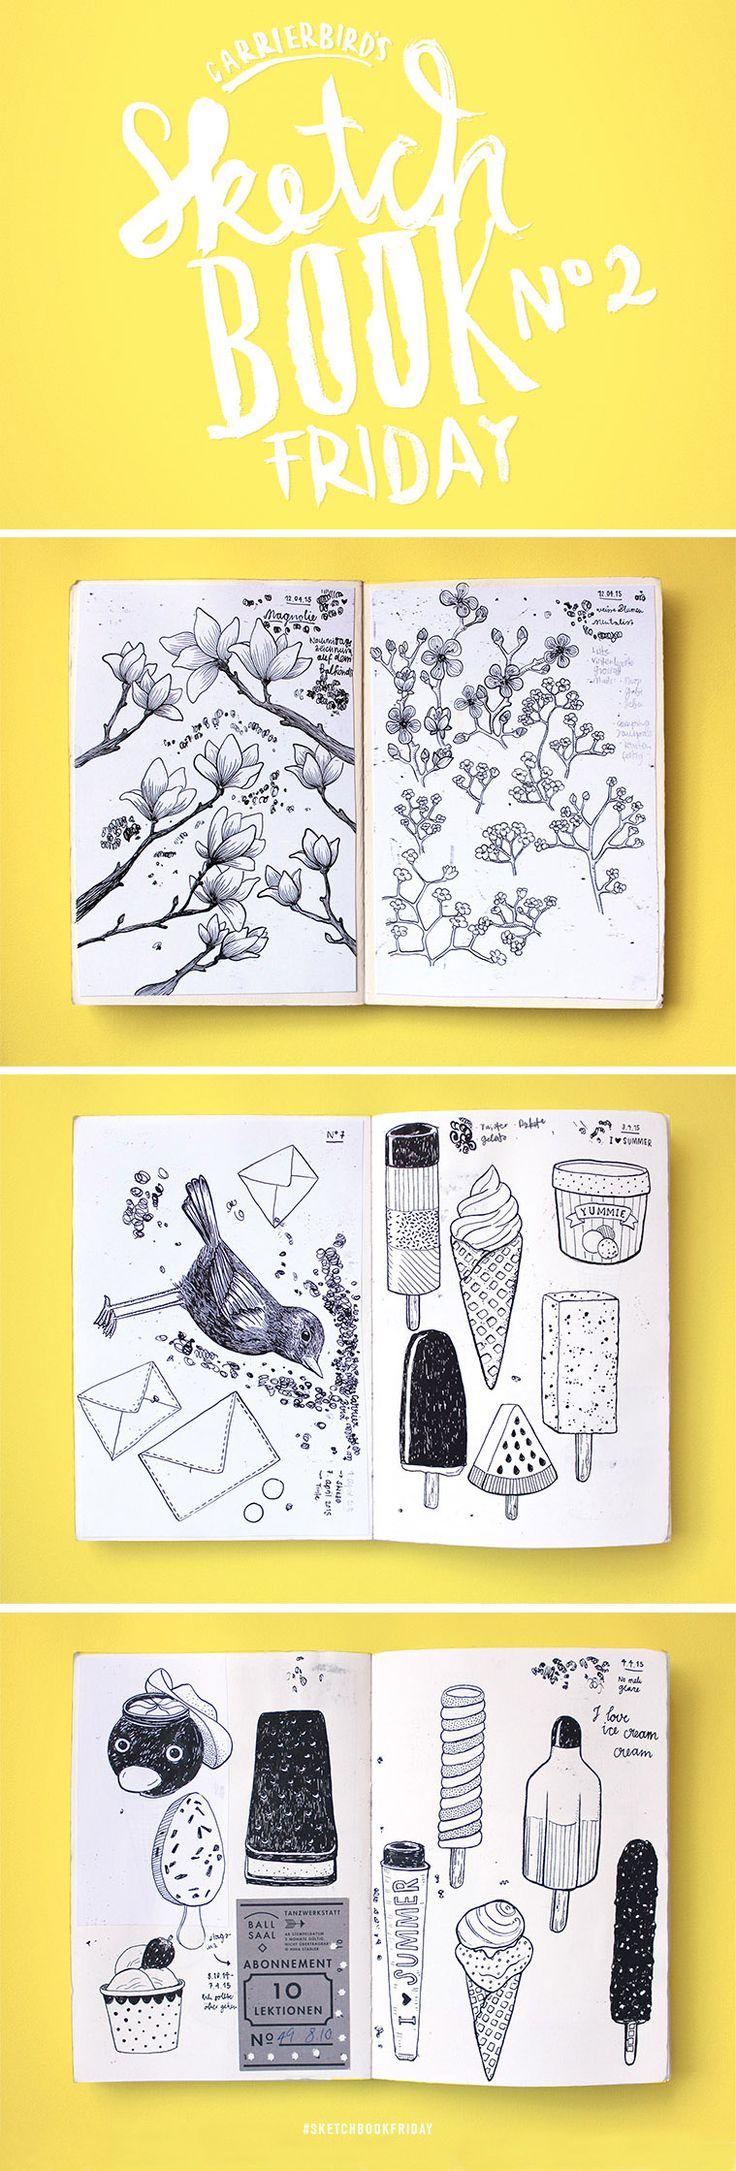 Carrier Bird's Sketchbookfriday No.02